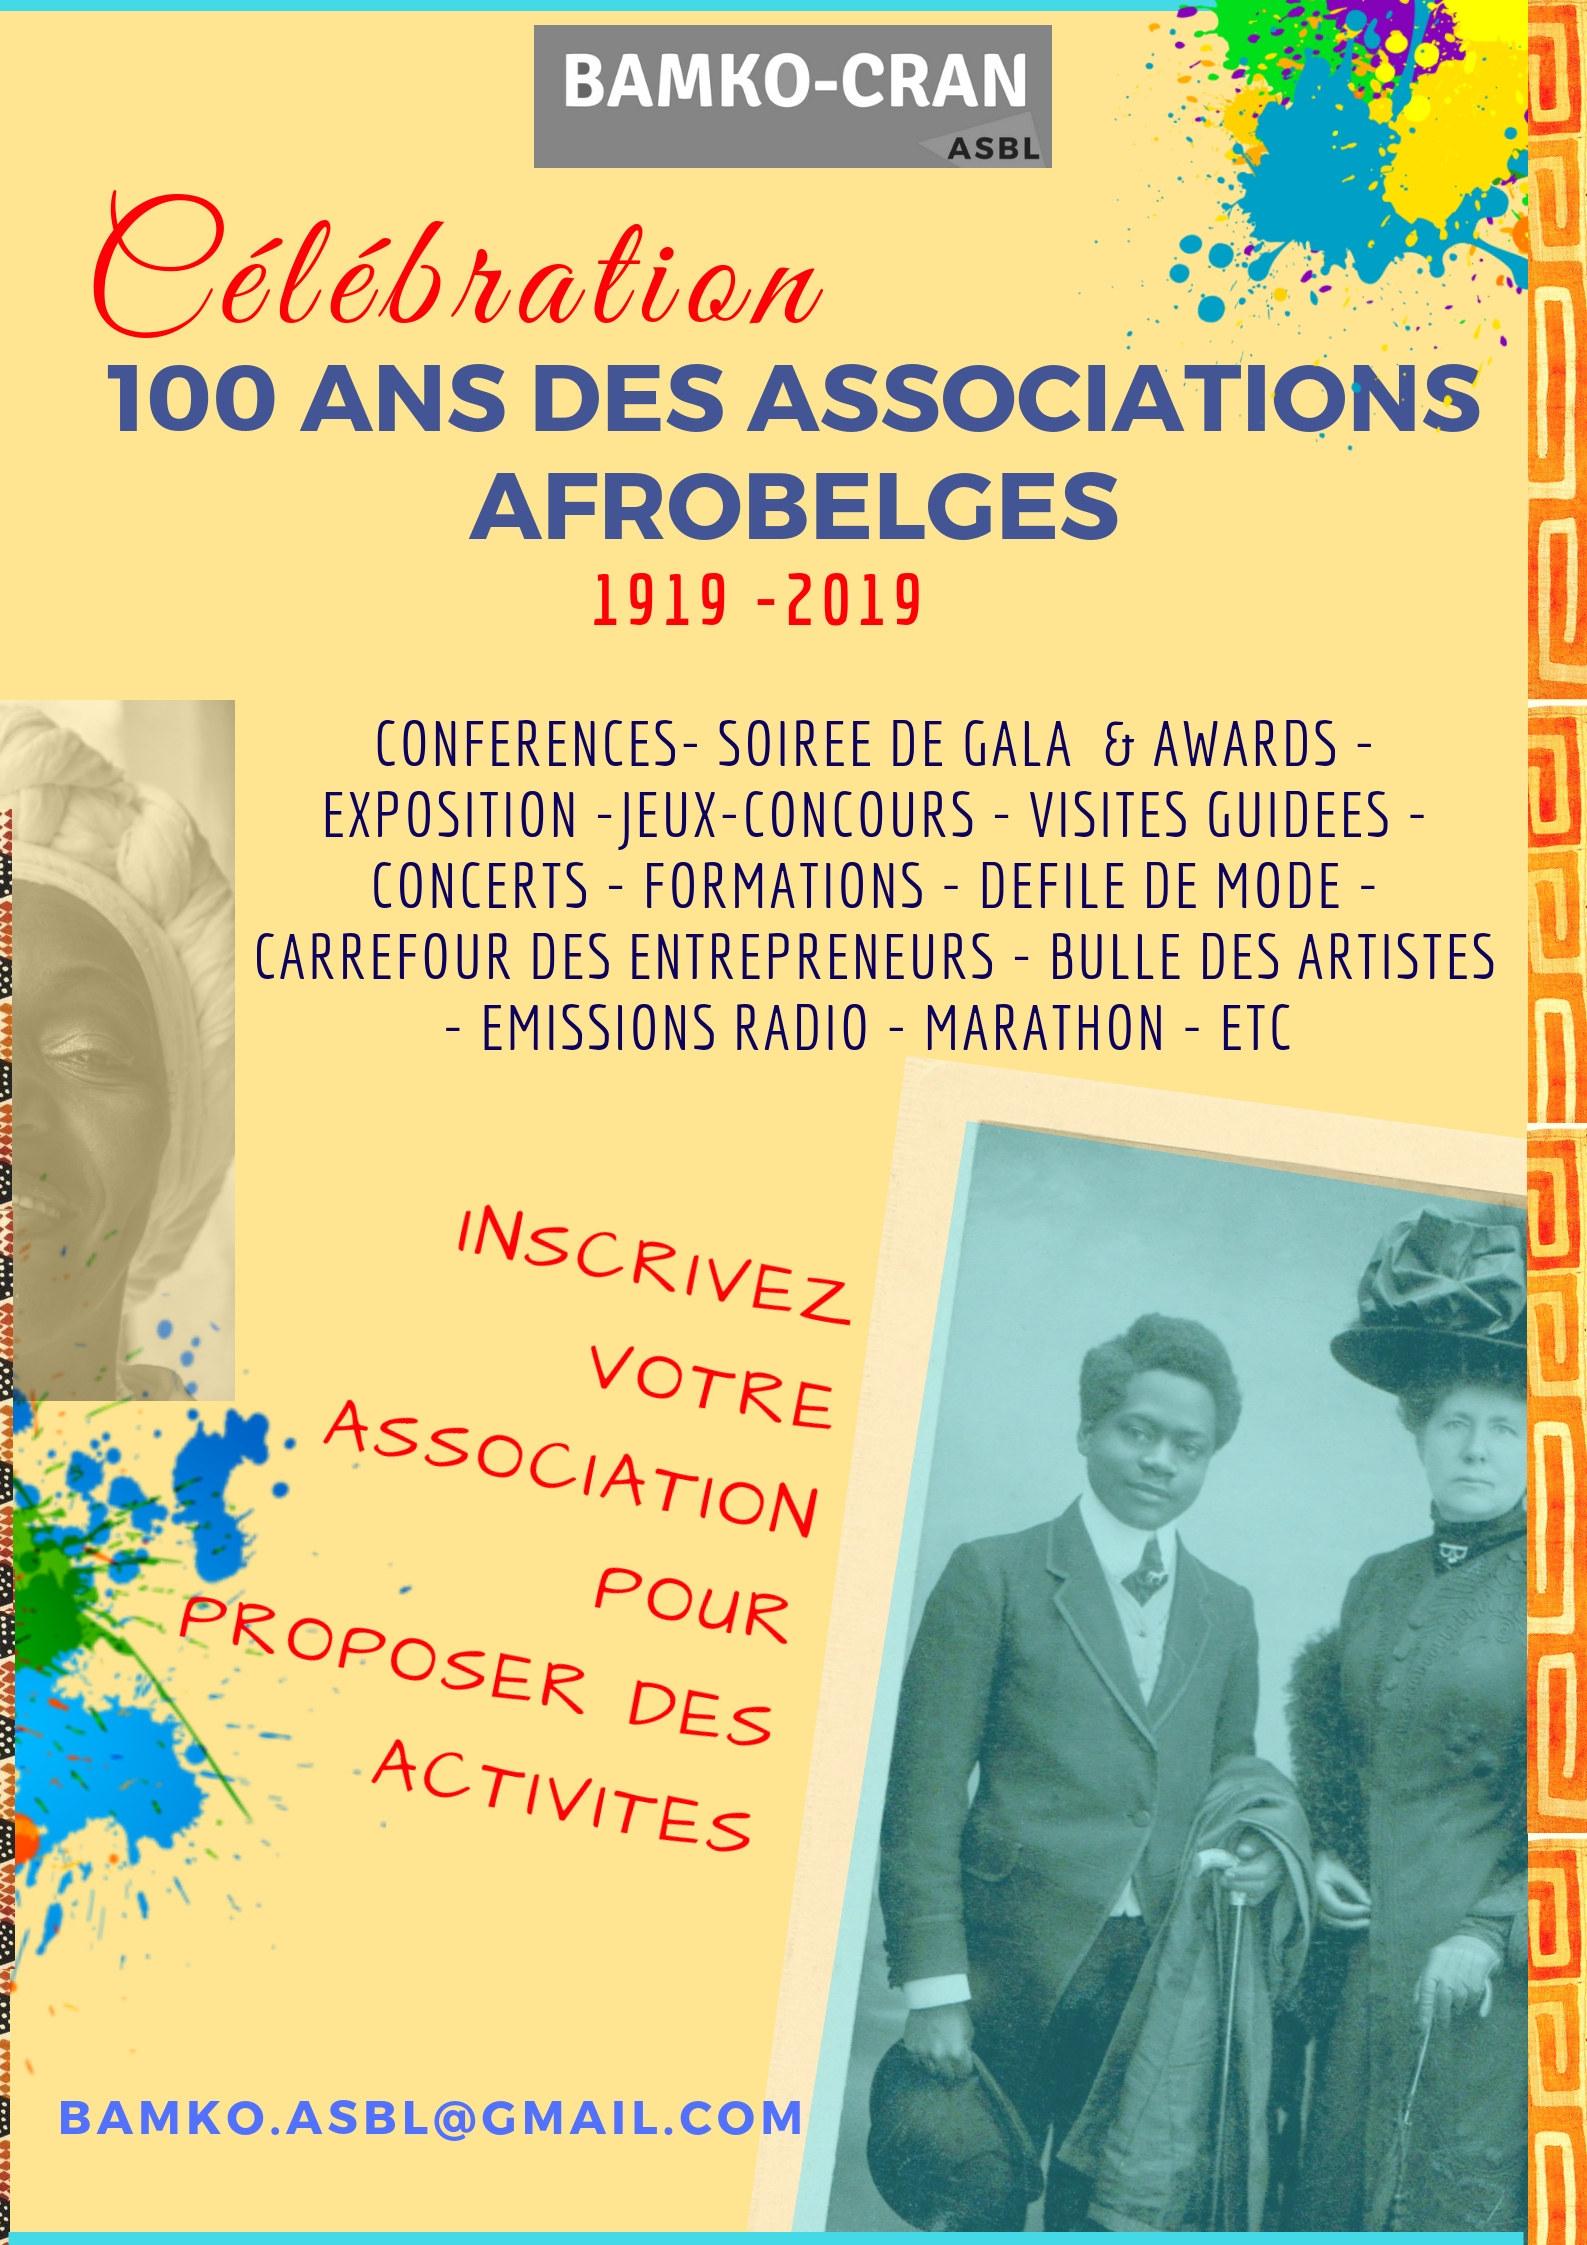 100 ans afrobelges (2).jpg